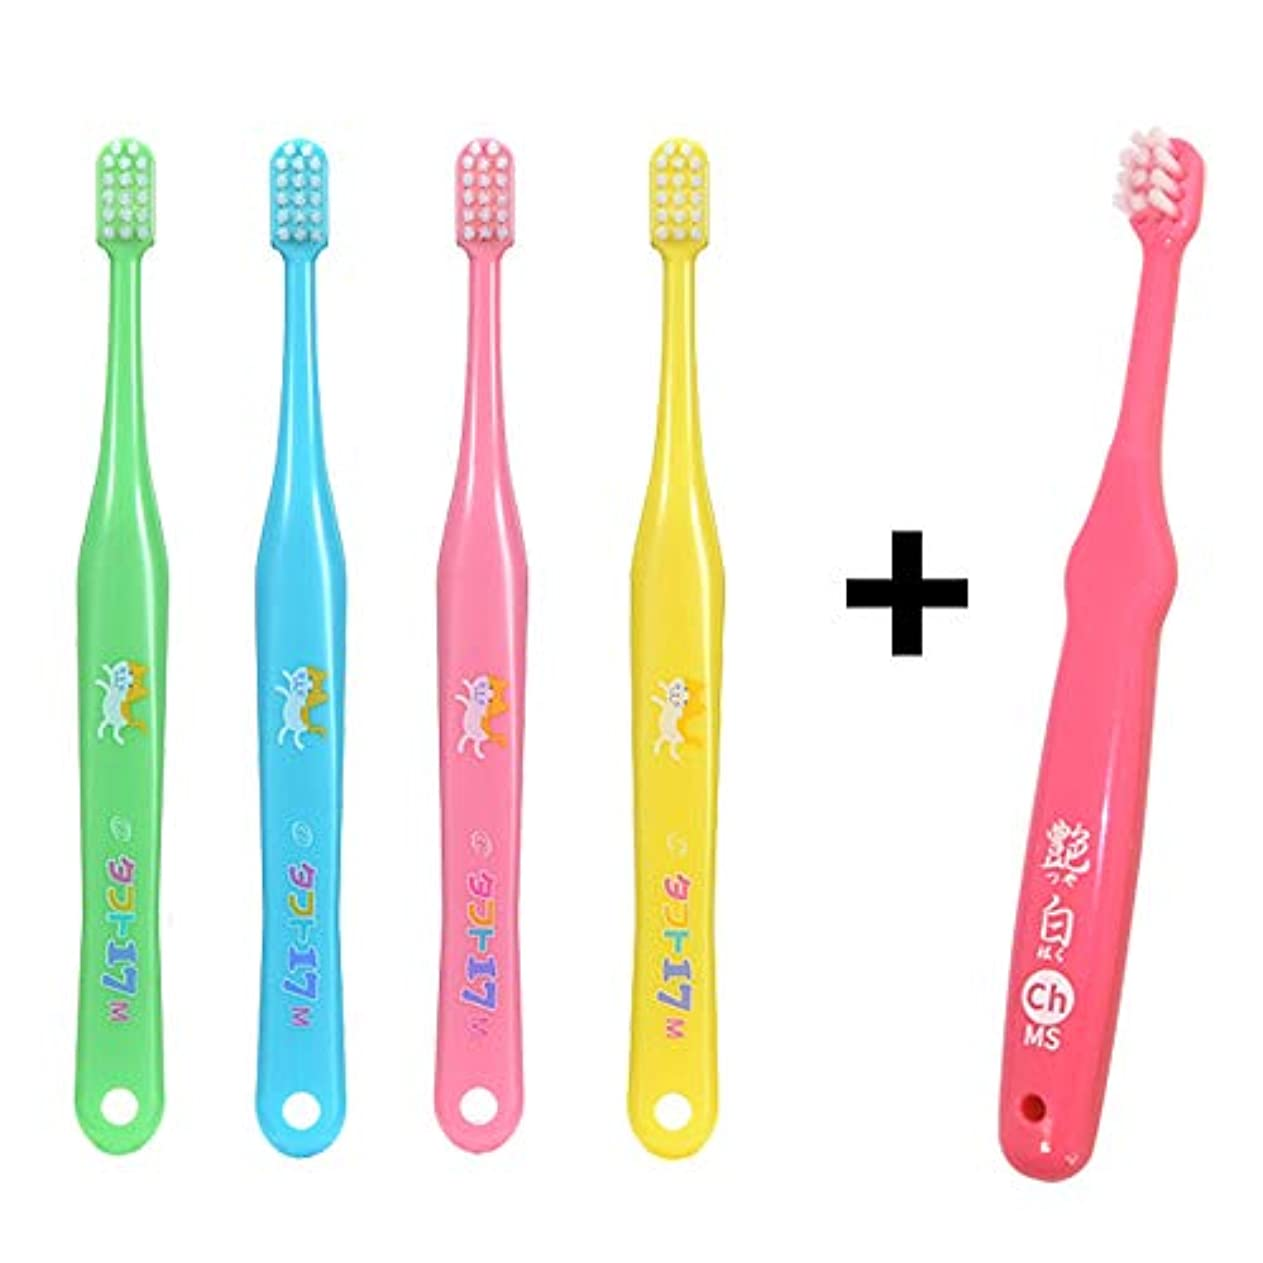 リサイクルするパトワ油タフト17 M 歯ブラシ×10本 + 艶白(つやはく) Ch チャイルド ハブラシ×1本 MS(やややわらかめ) 日本製 歯科専売品